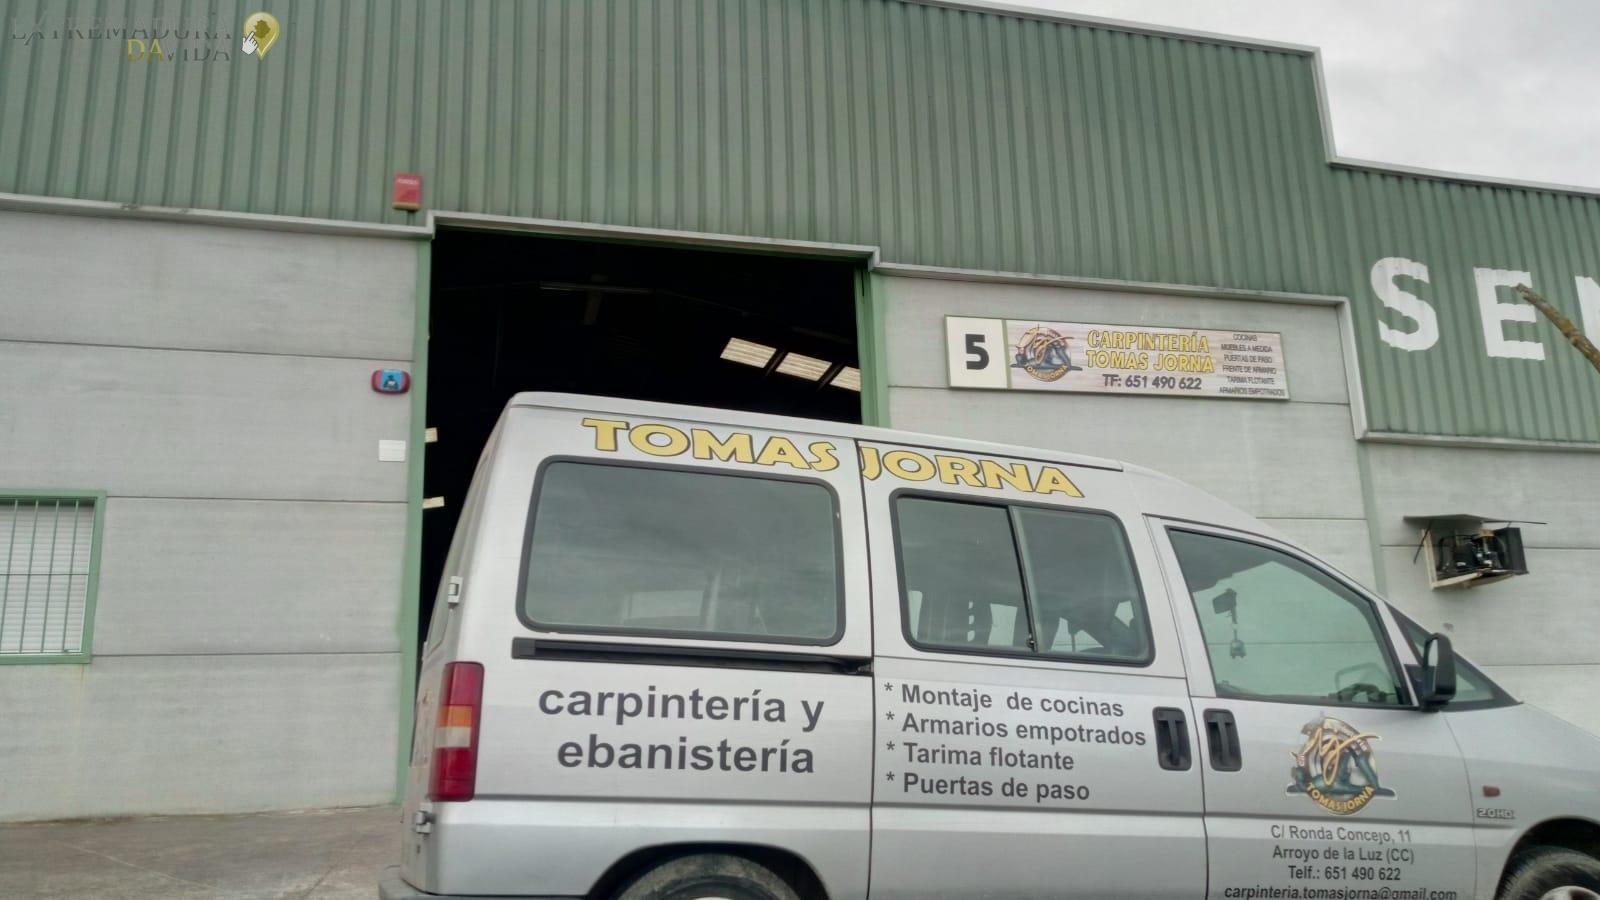 CARPINTERÍA MALPARTIDA DE CÁCERES TOMAS JORNA